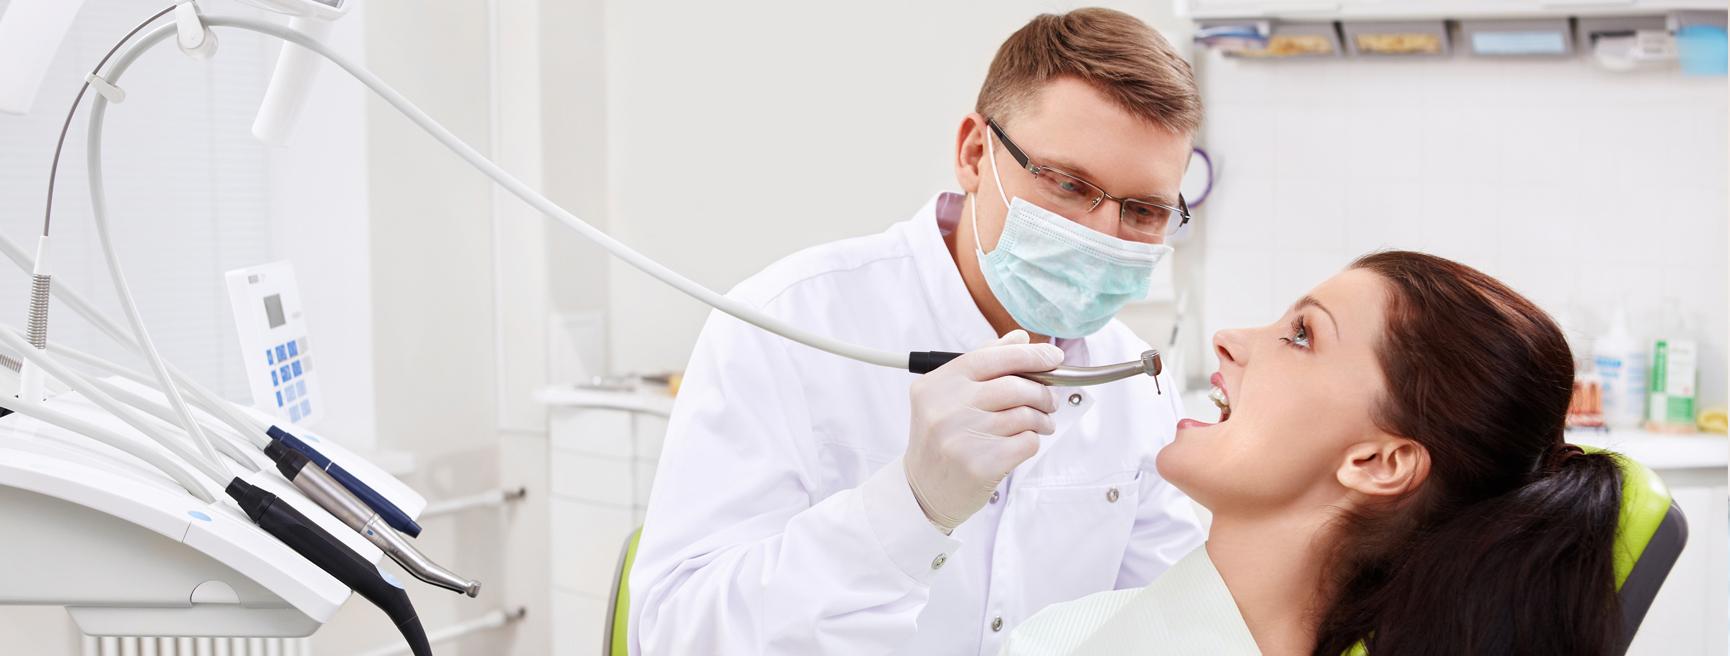 studio dentistico a catania